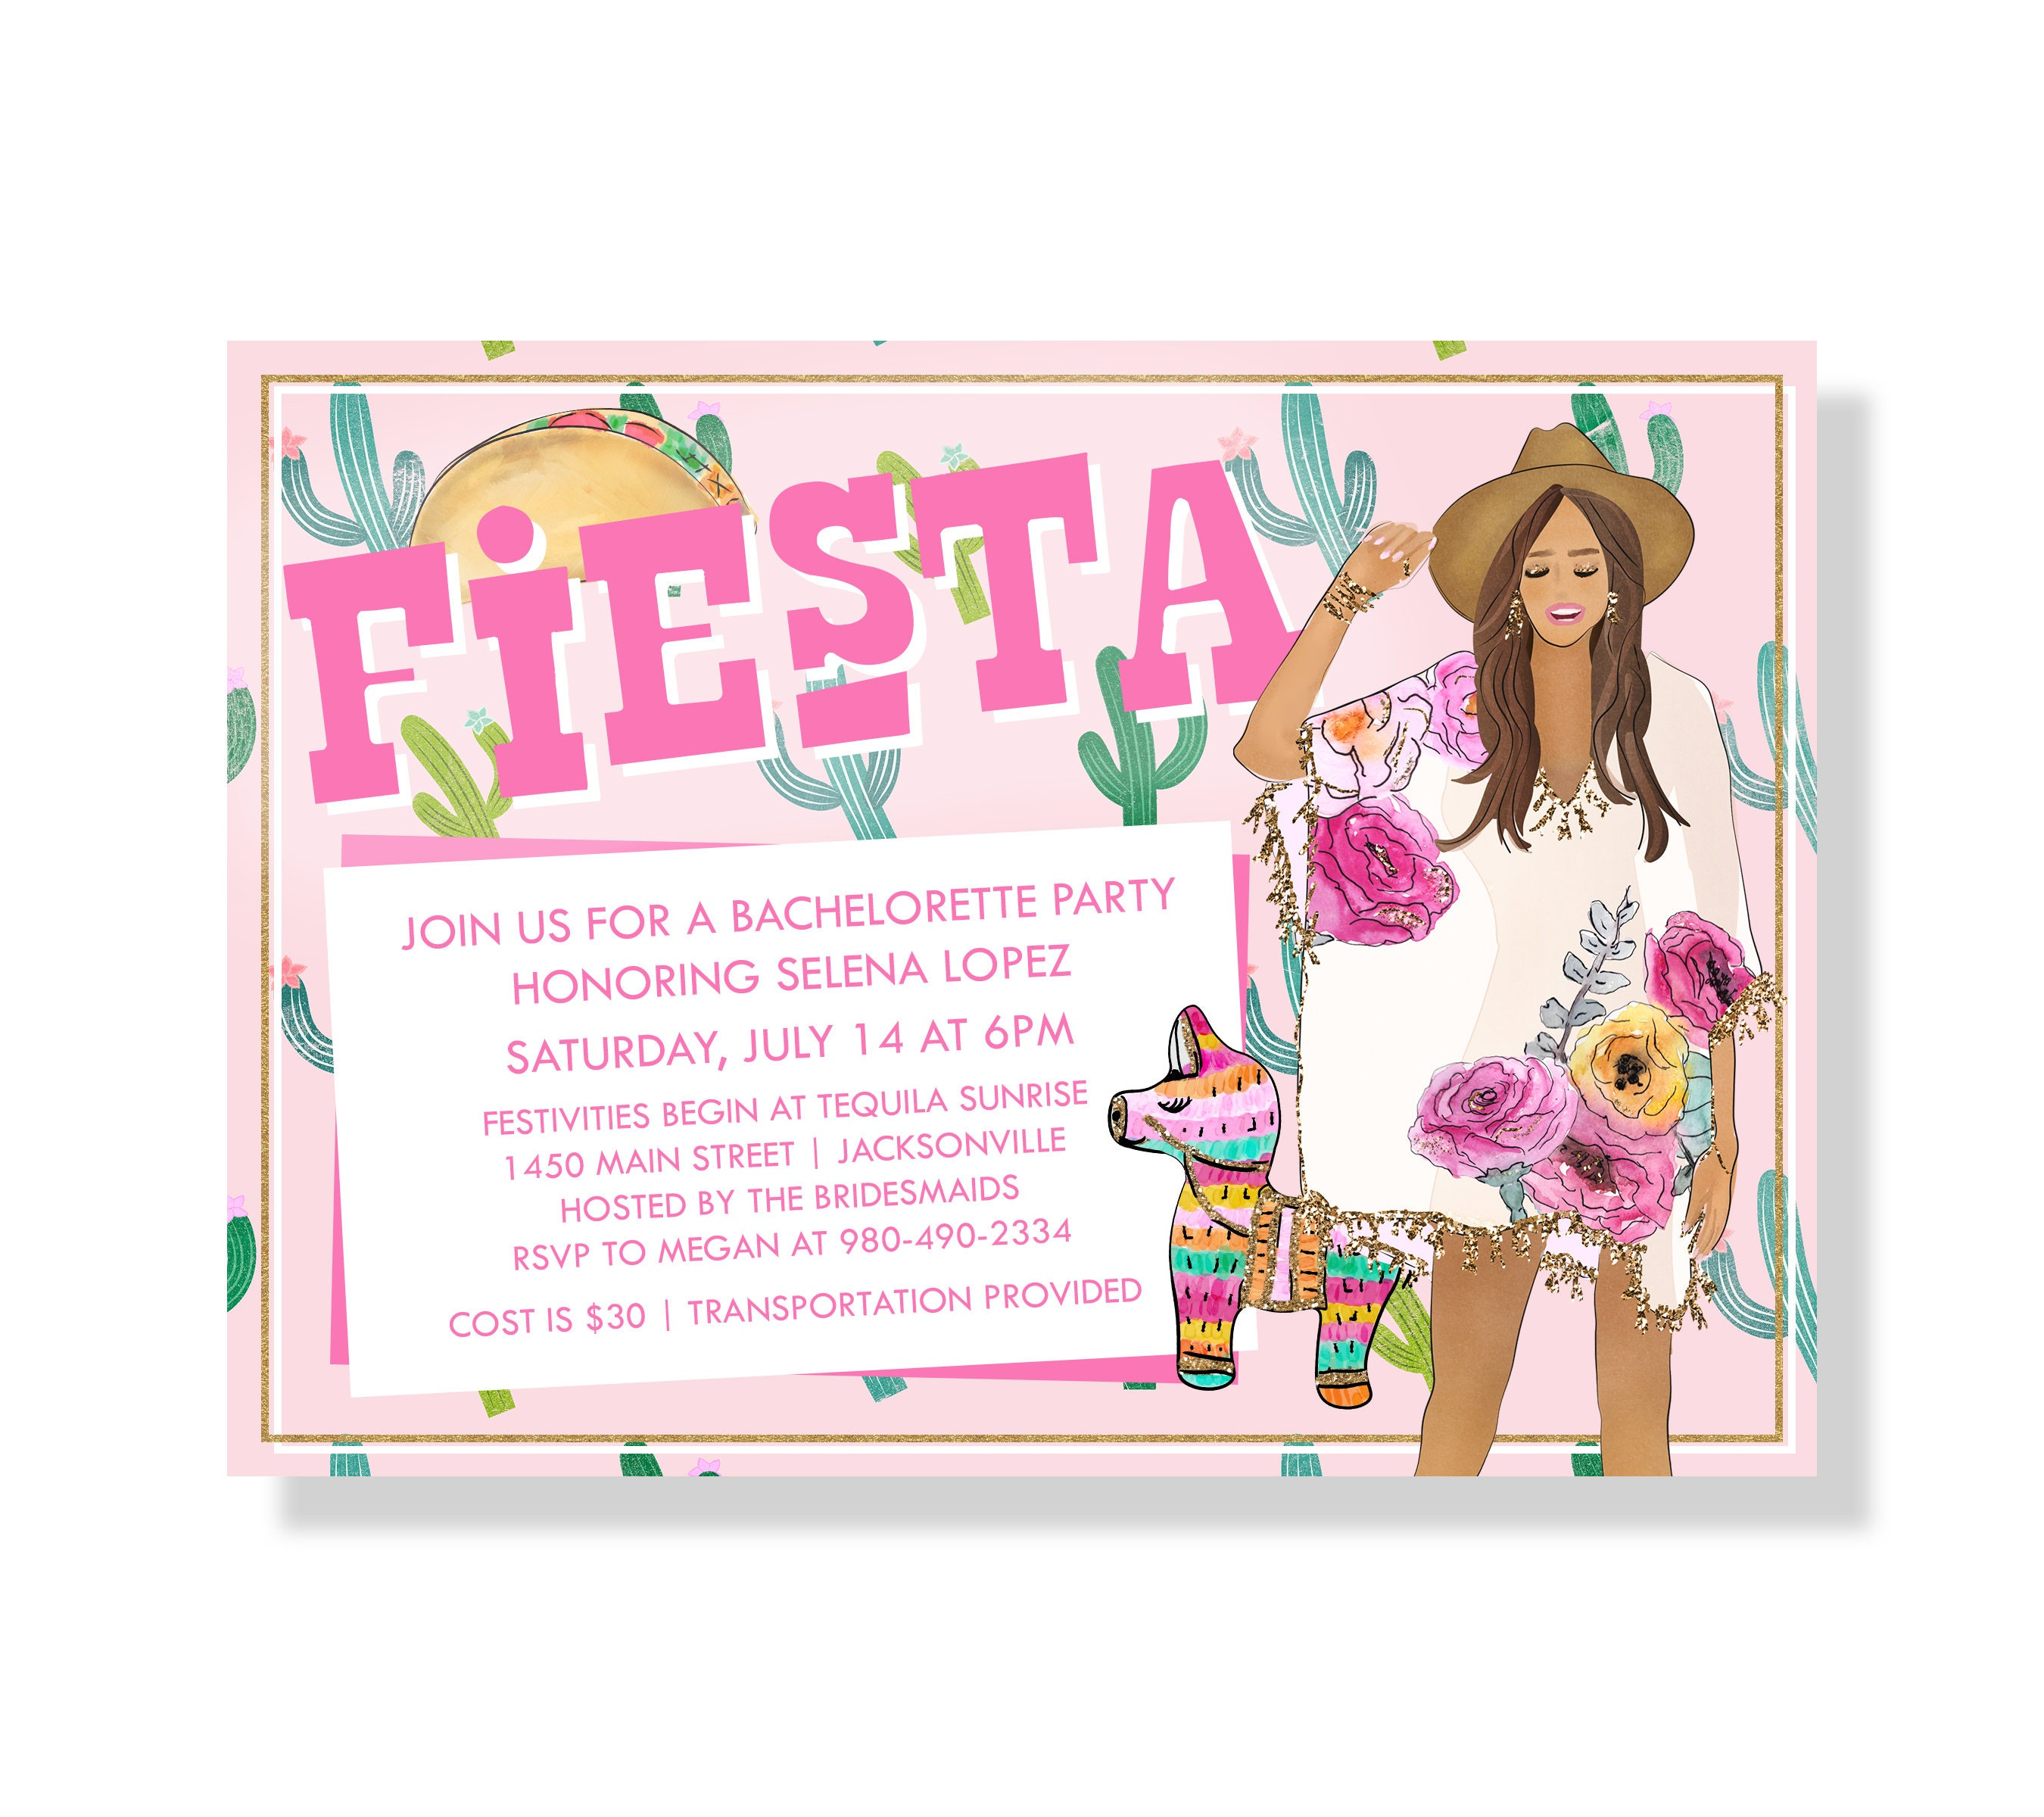 FIESTA Bachelorette Party Invitation Cactus Fiesta